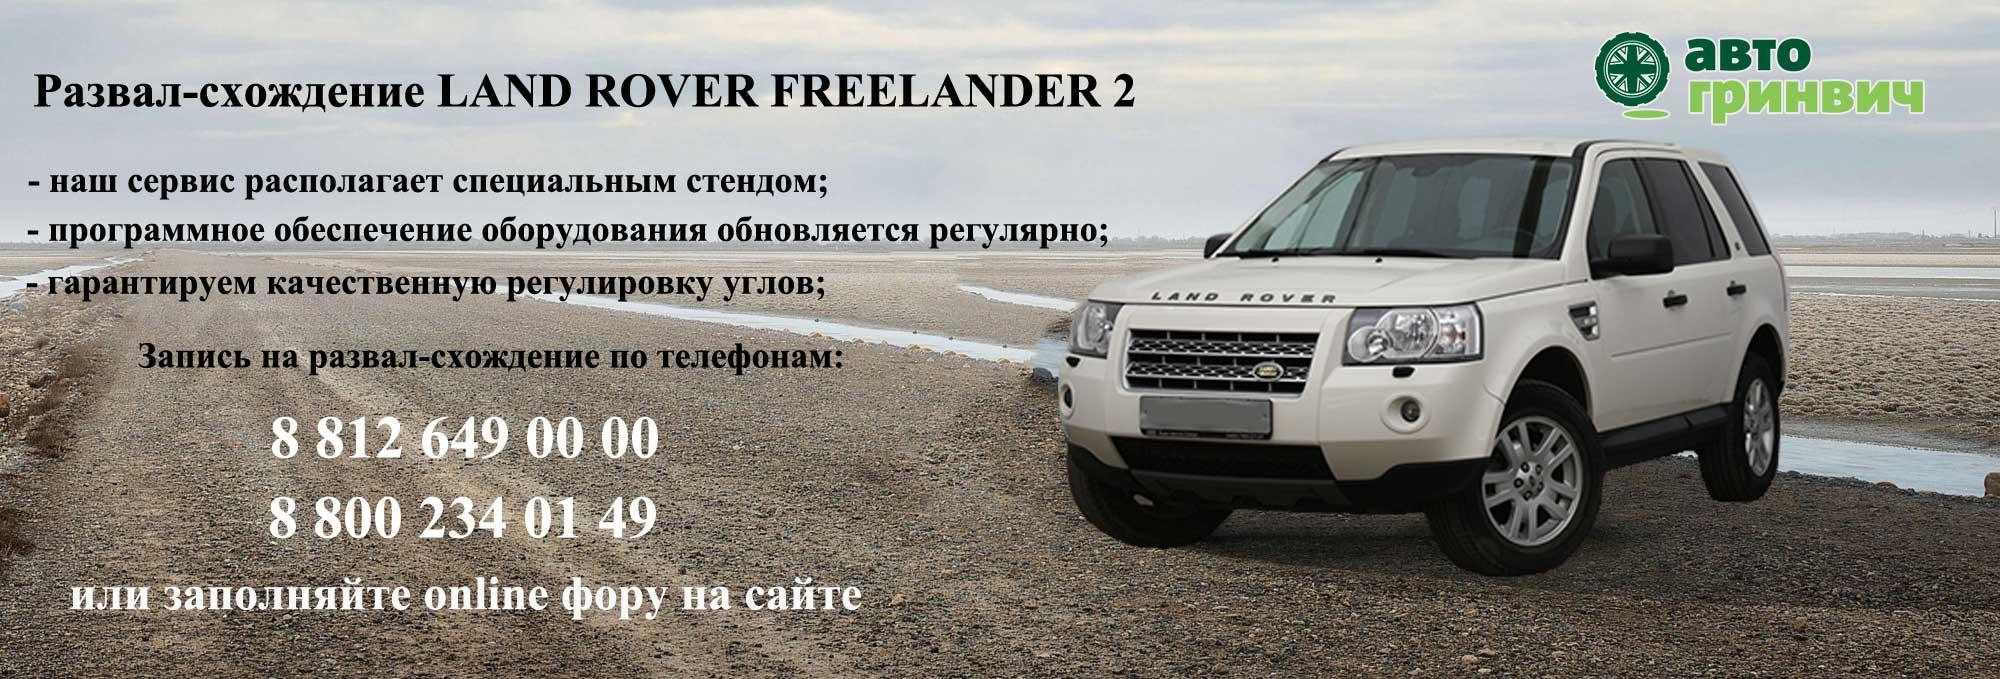 Развал-схождение FREELANDER 2